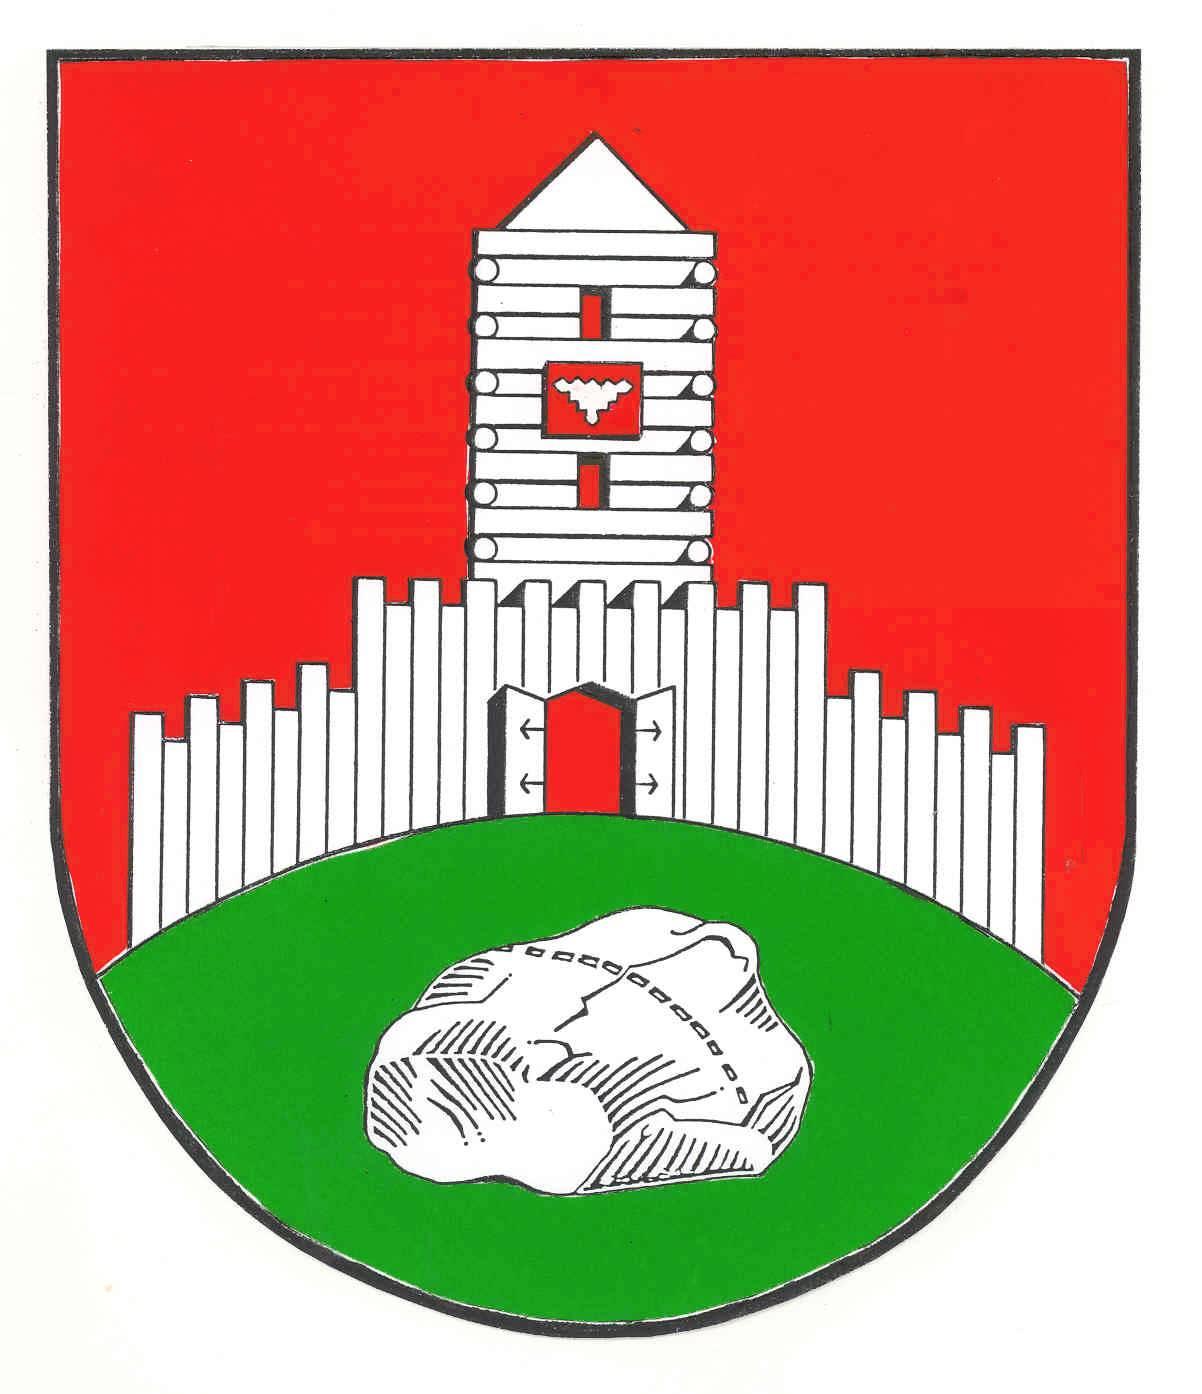 Wappen GemeindeTensbüttel-Röst, Kreis Dithmarschen